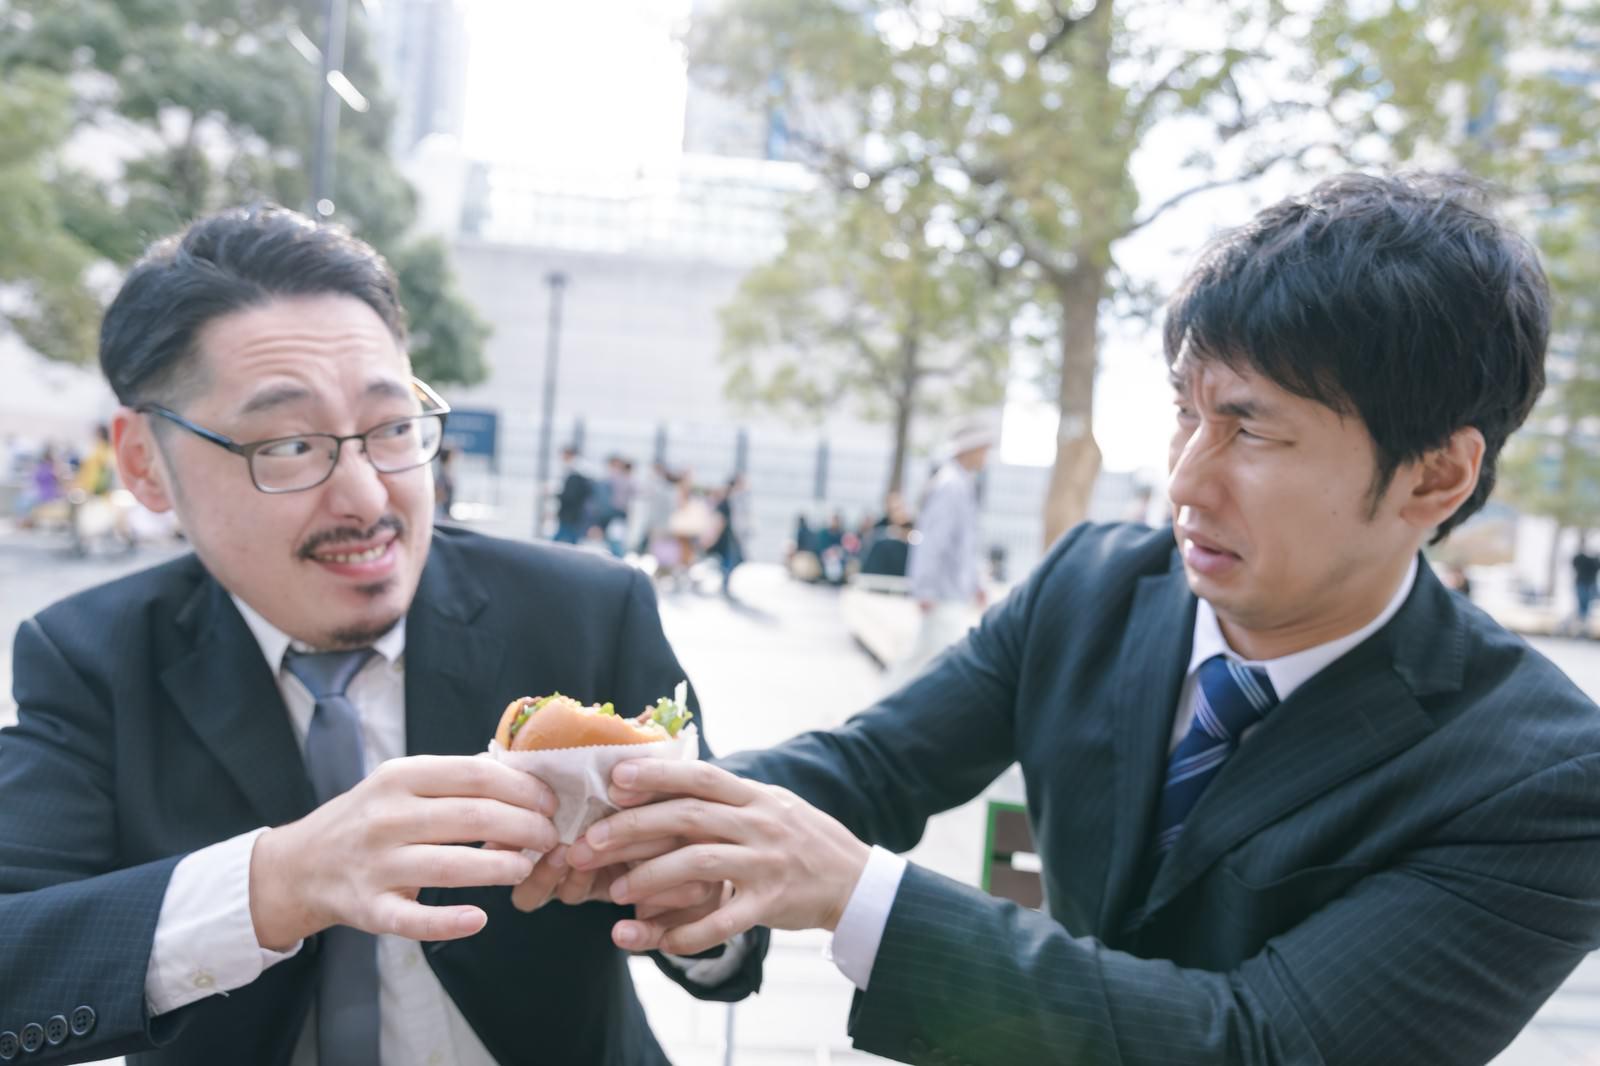 「絶品ハンバーガーを奪い合う上司と部下」の写真[モデル:大川竜弥 ゆうせい]